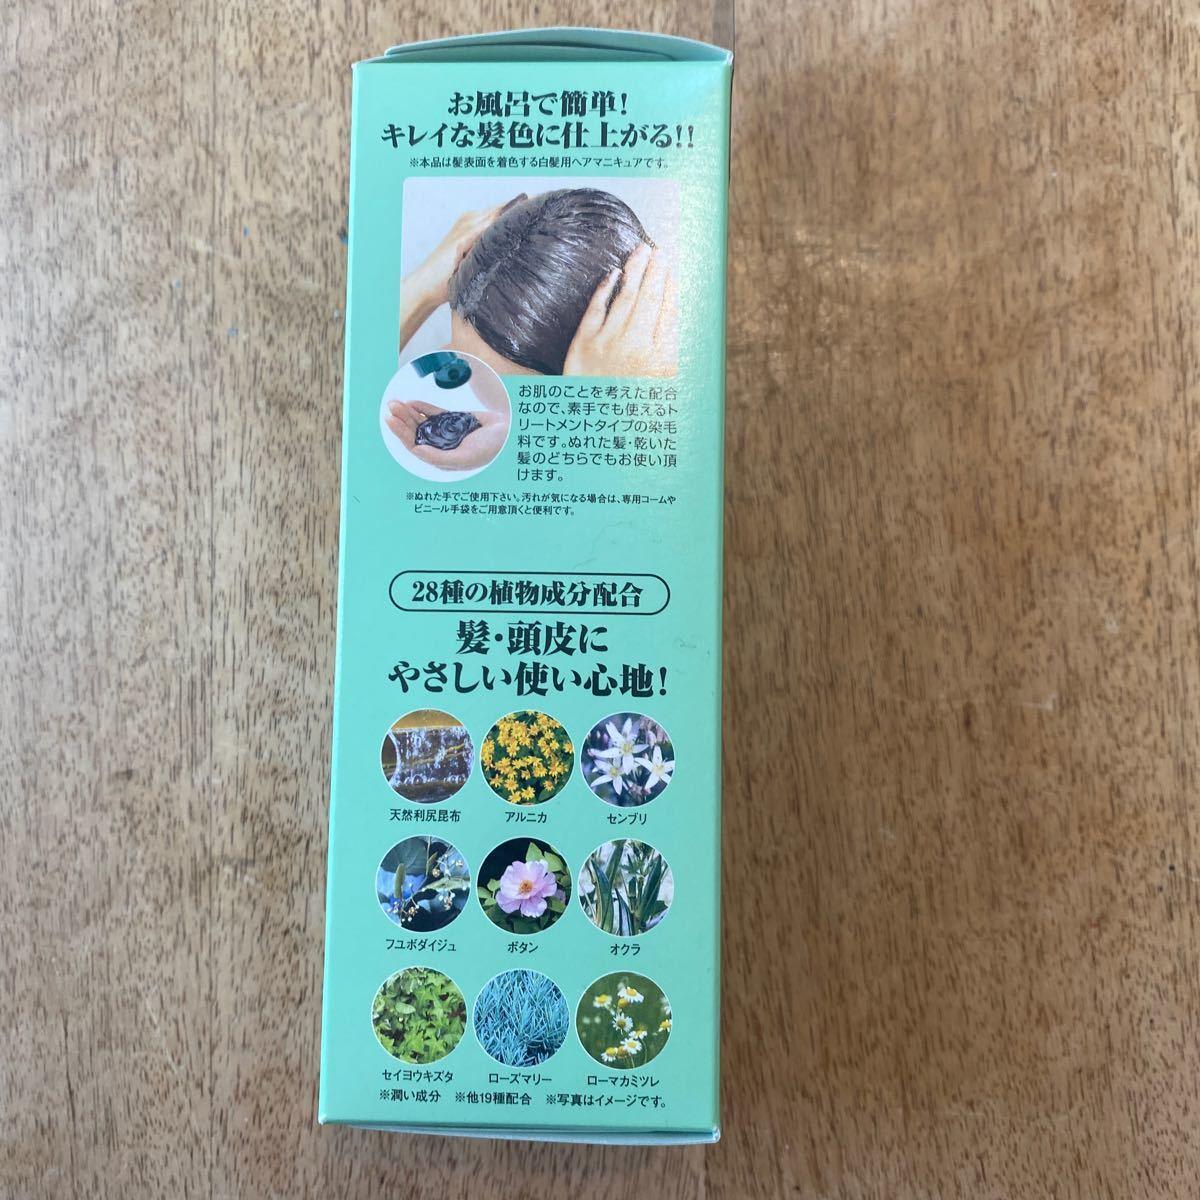 【新品未開封】利尻昆布 ヘアカラートリートメント ライトブラウン